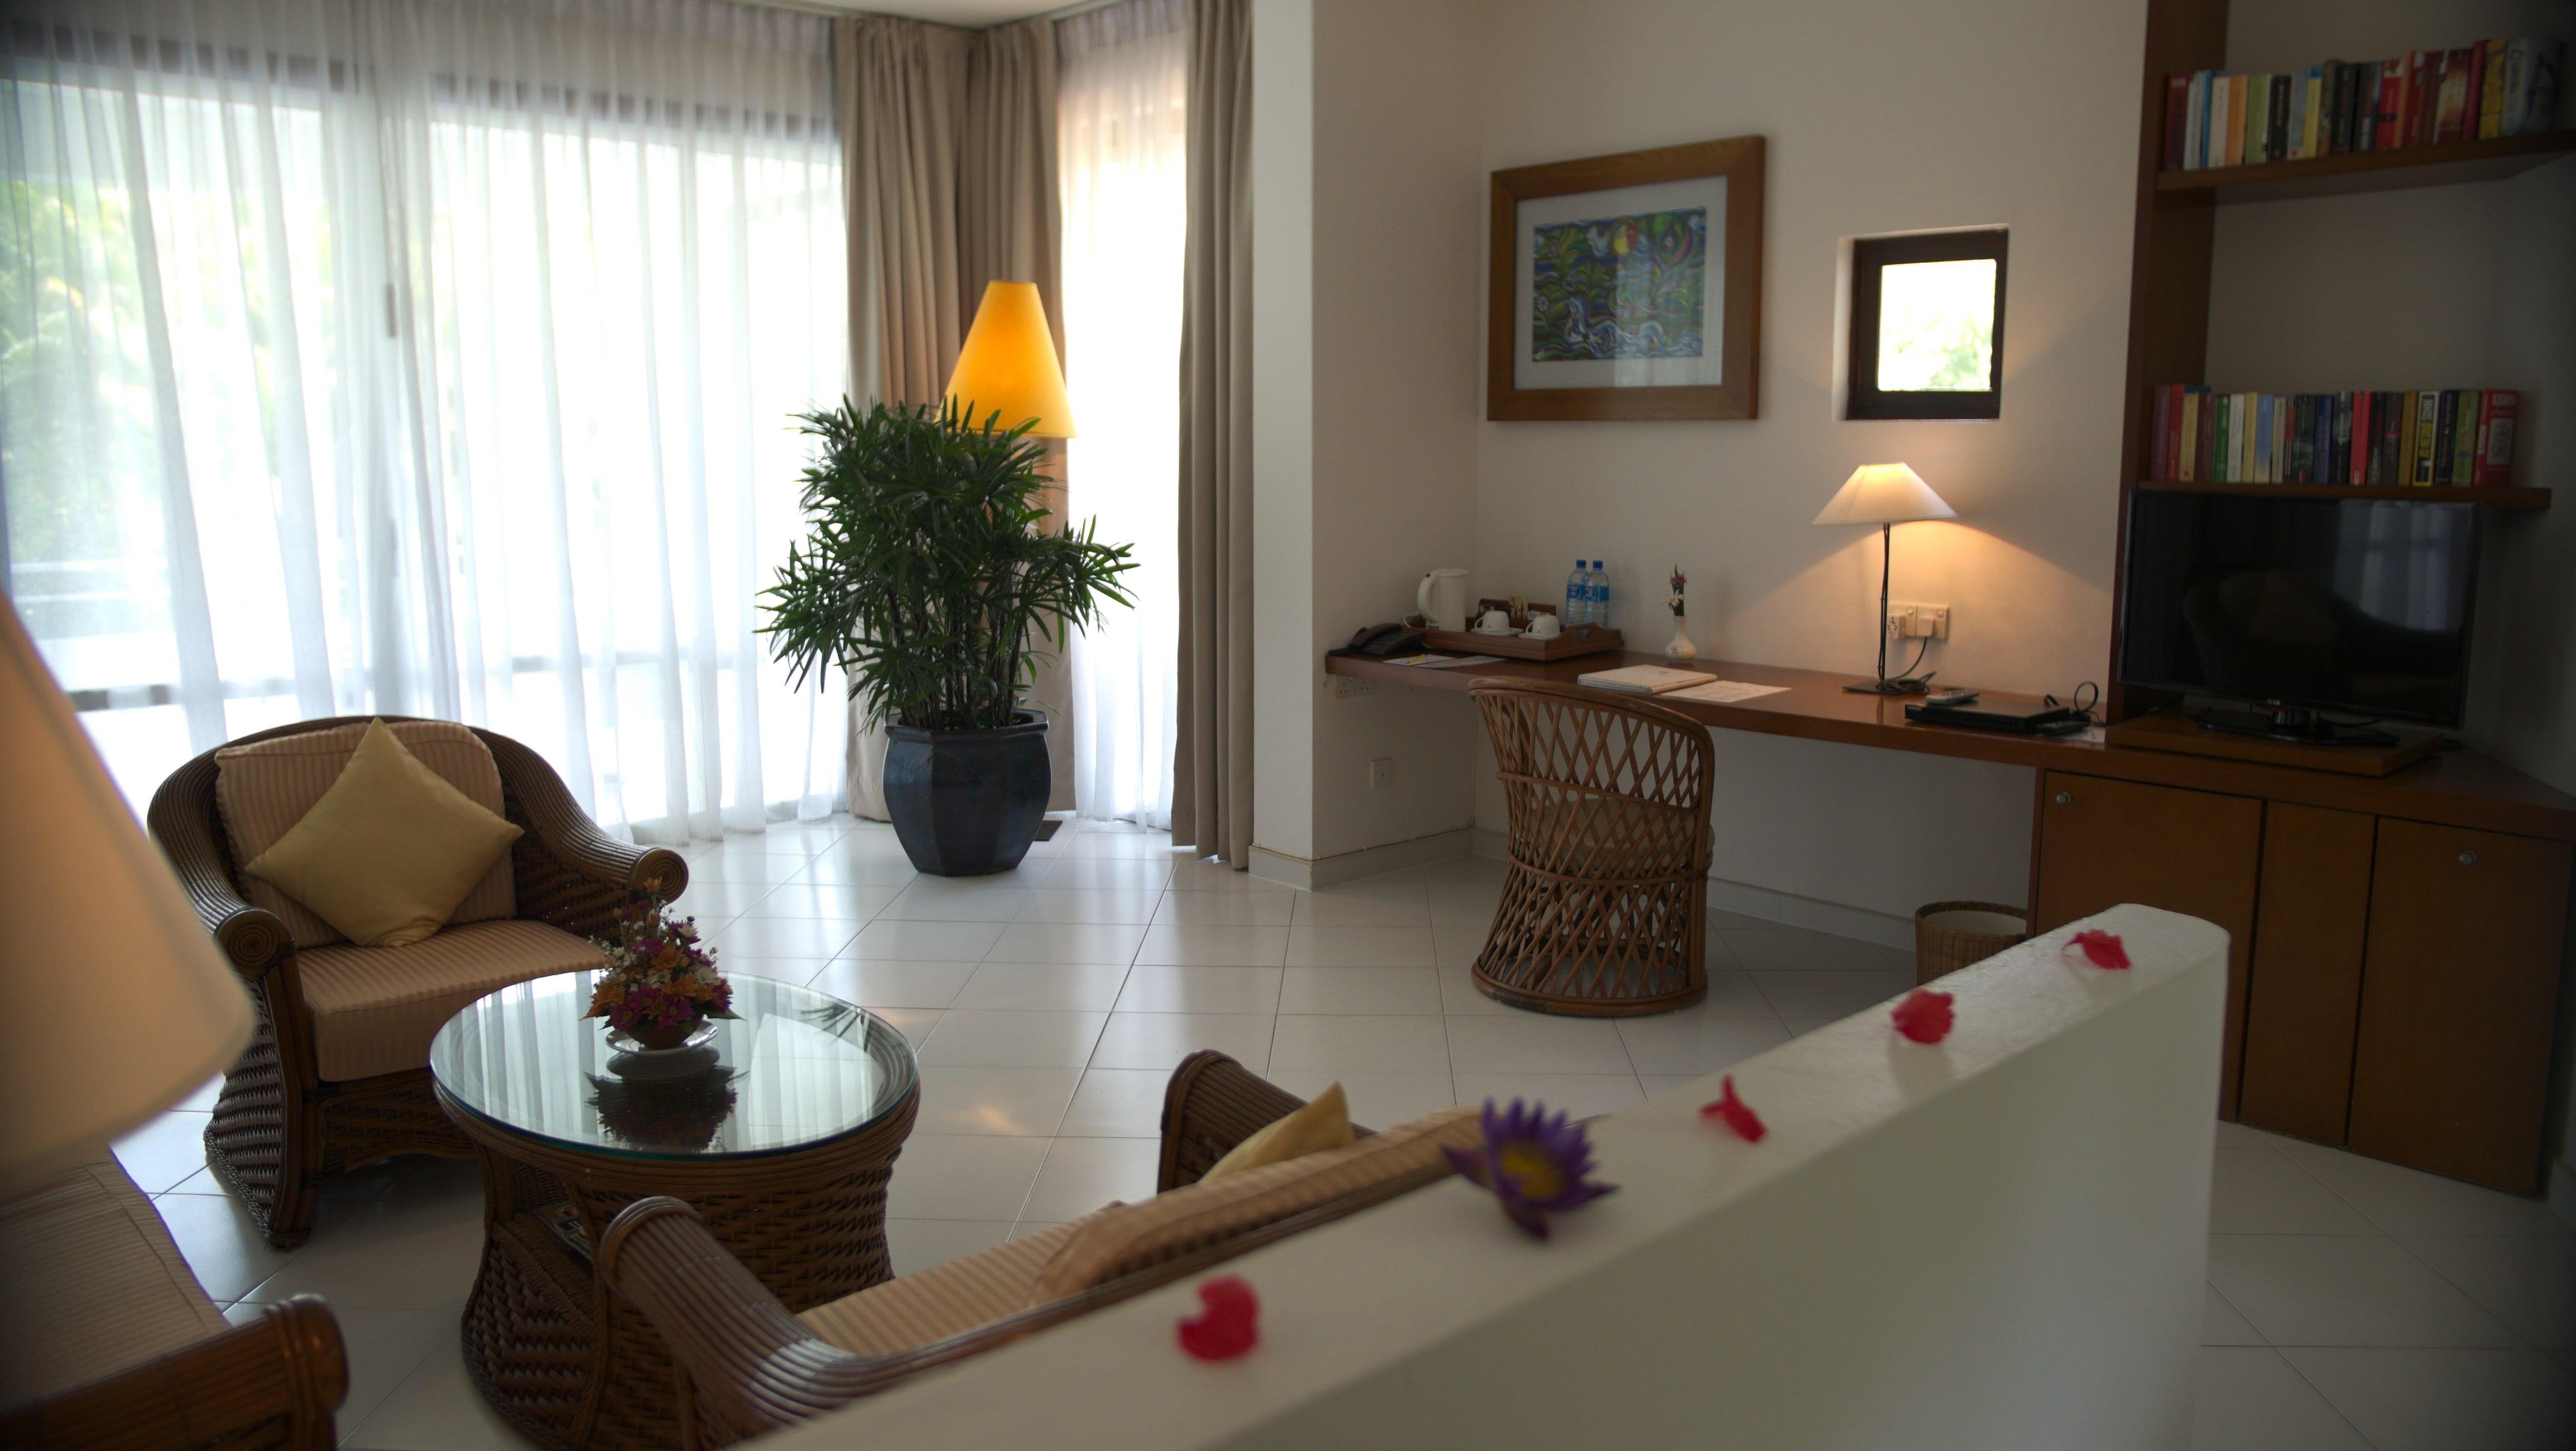 Superior Suite Wohnraum im Ayurveda Hotel unter deutscher Leitung in Sri Lanka, Lanka Princess